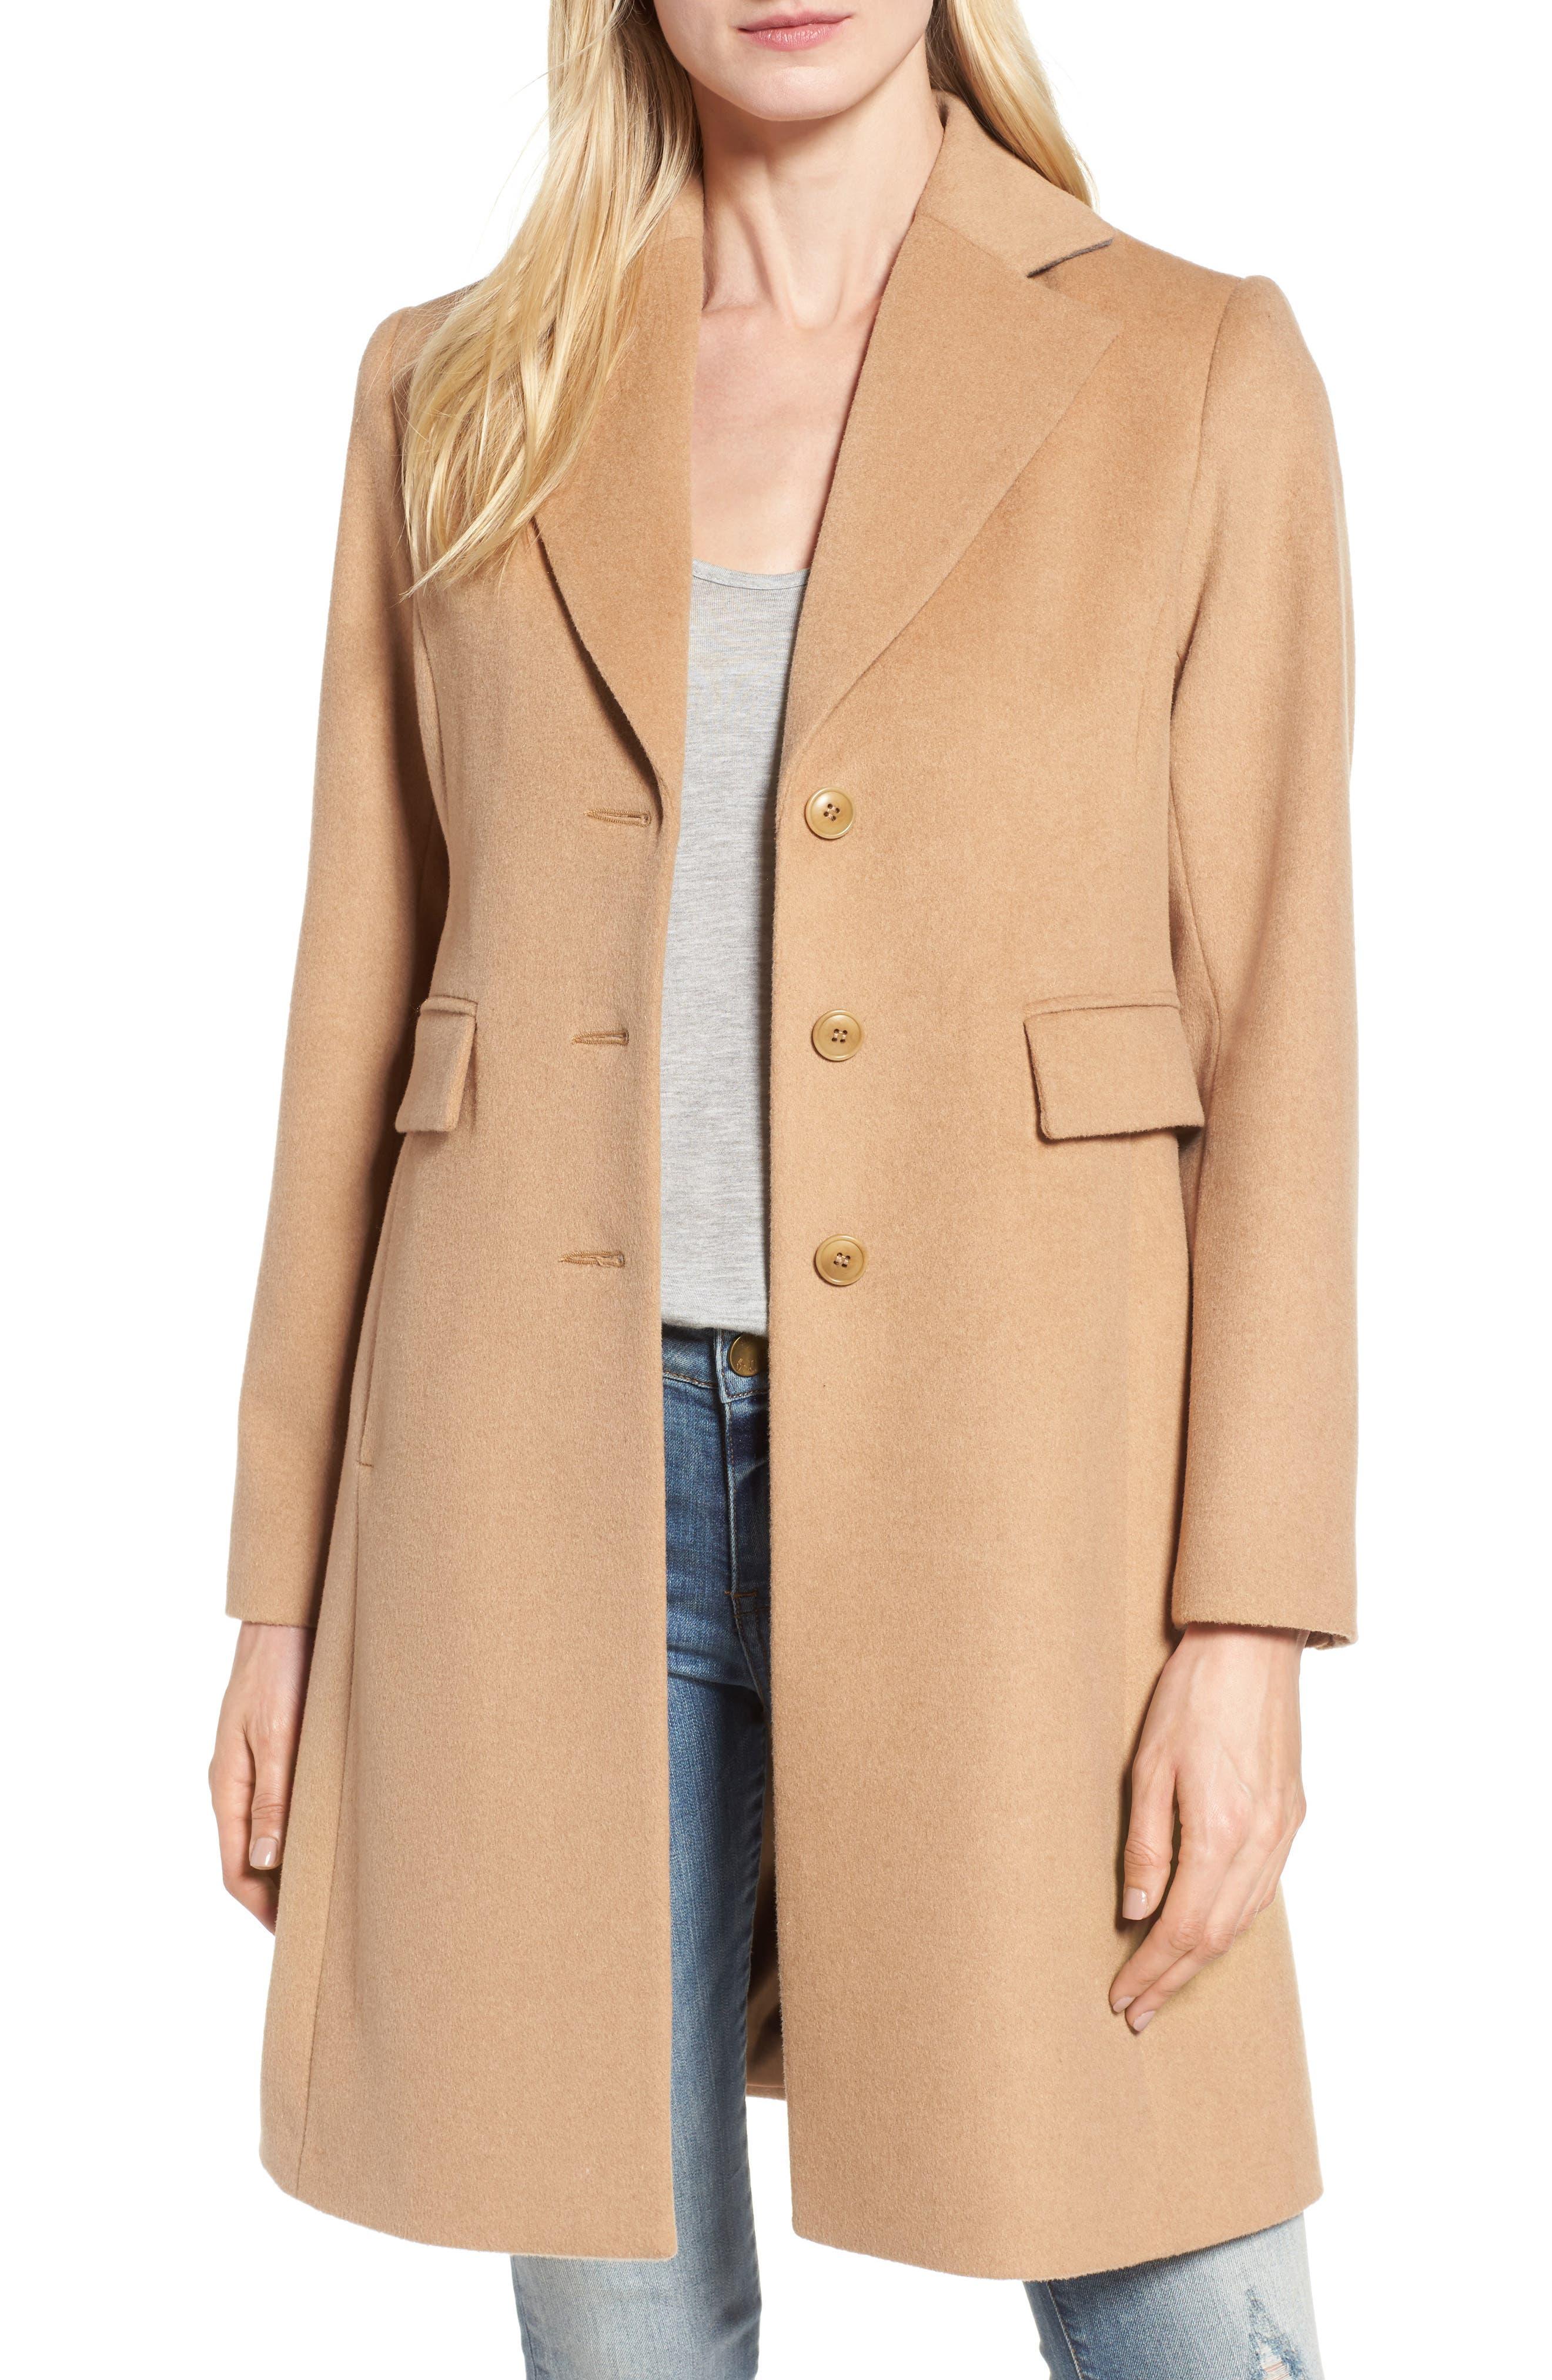 Tan camel coats